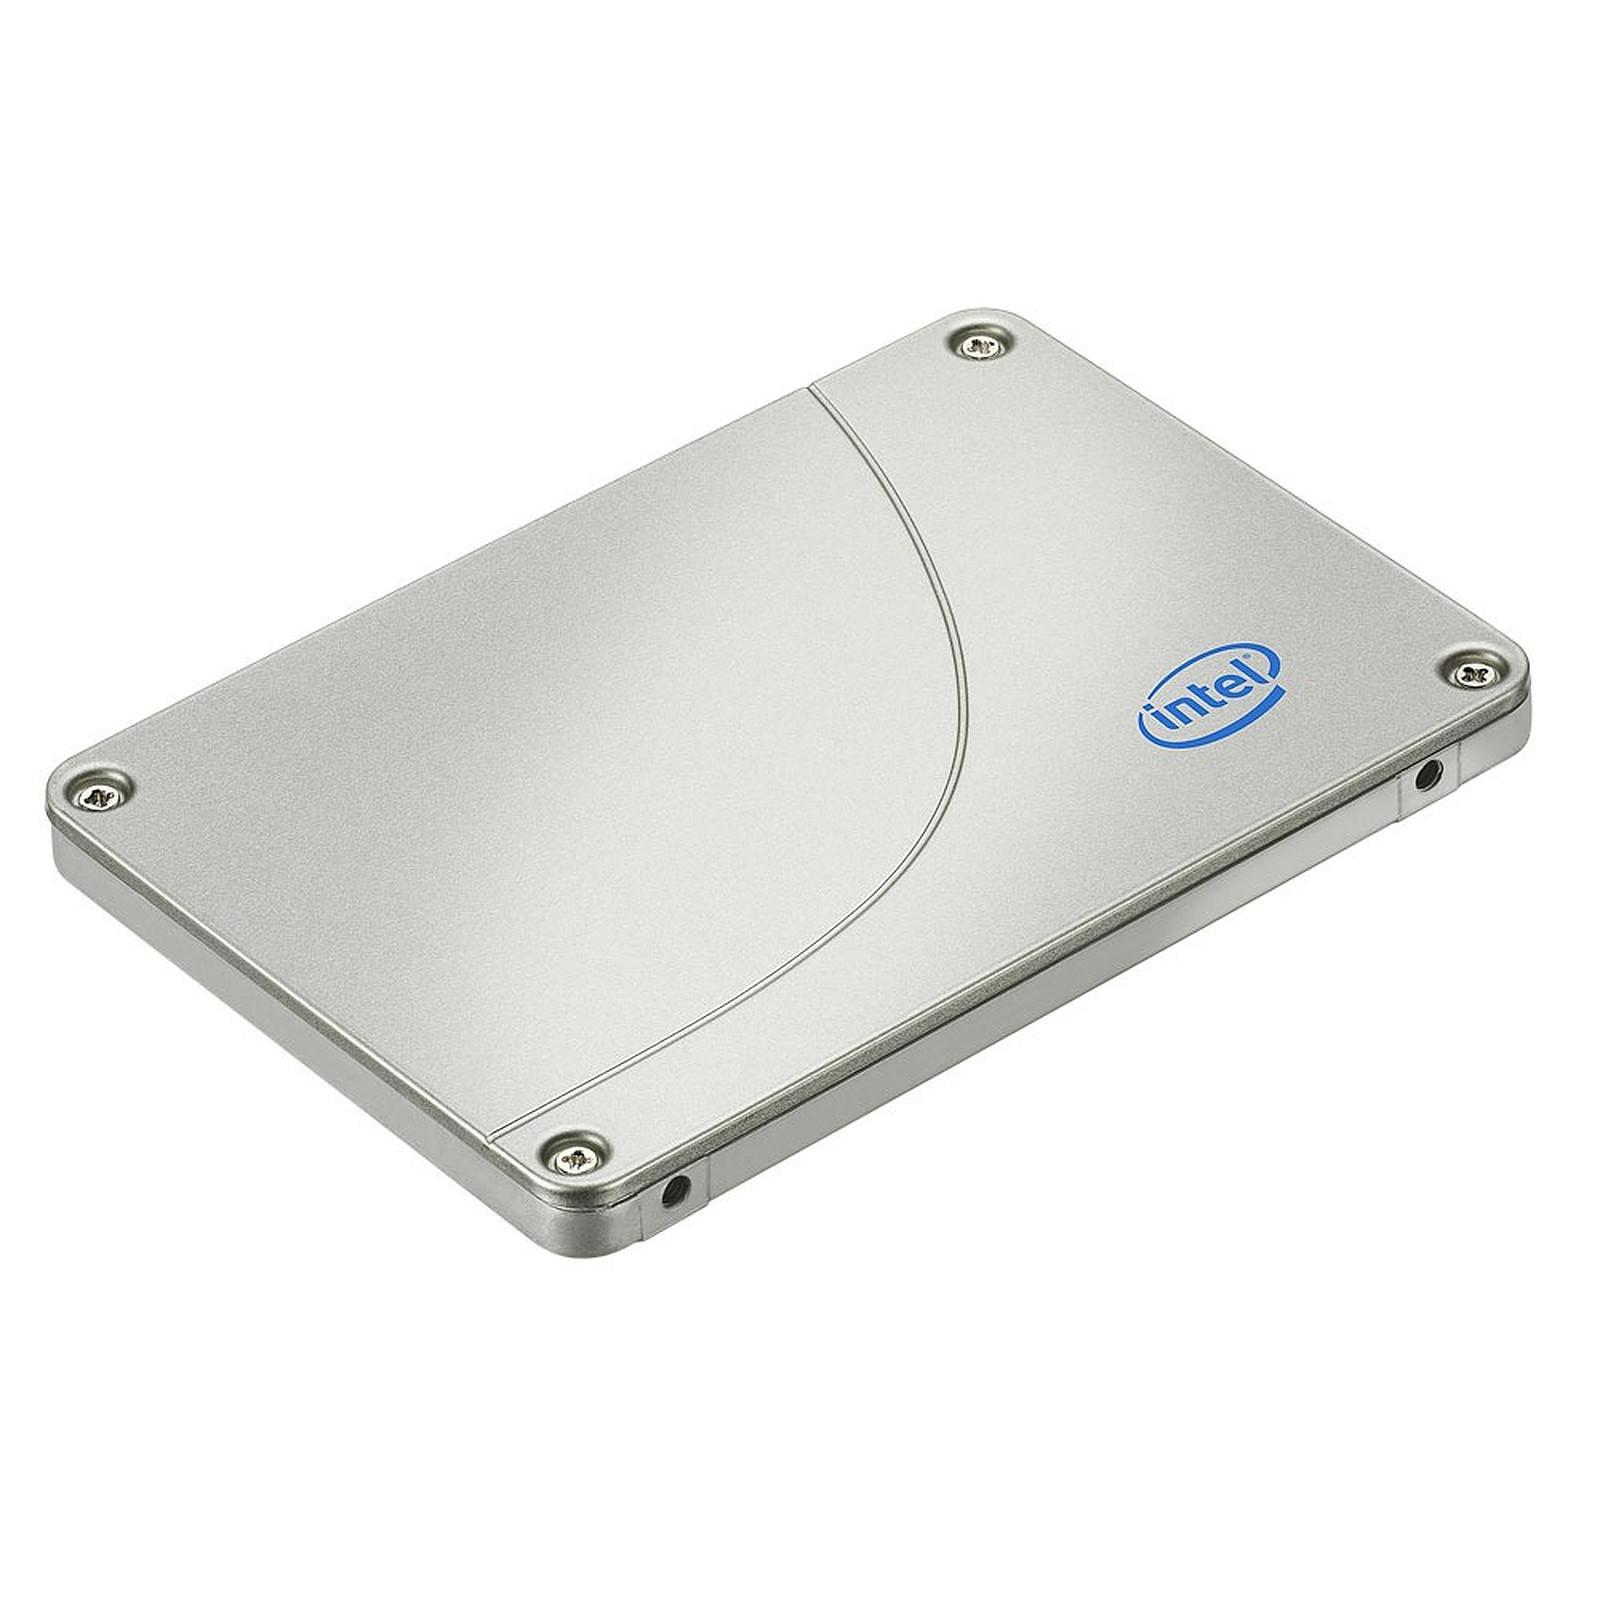 Intel X25-M Mainstream 120 GB 9.5 mm